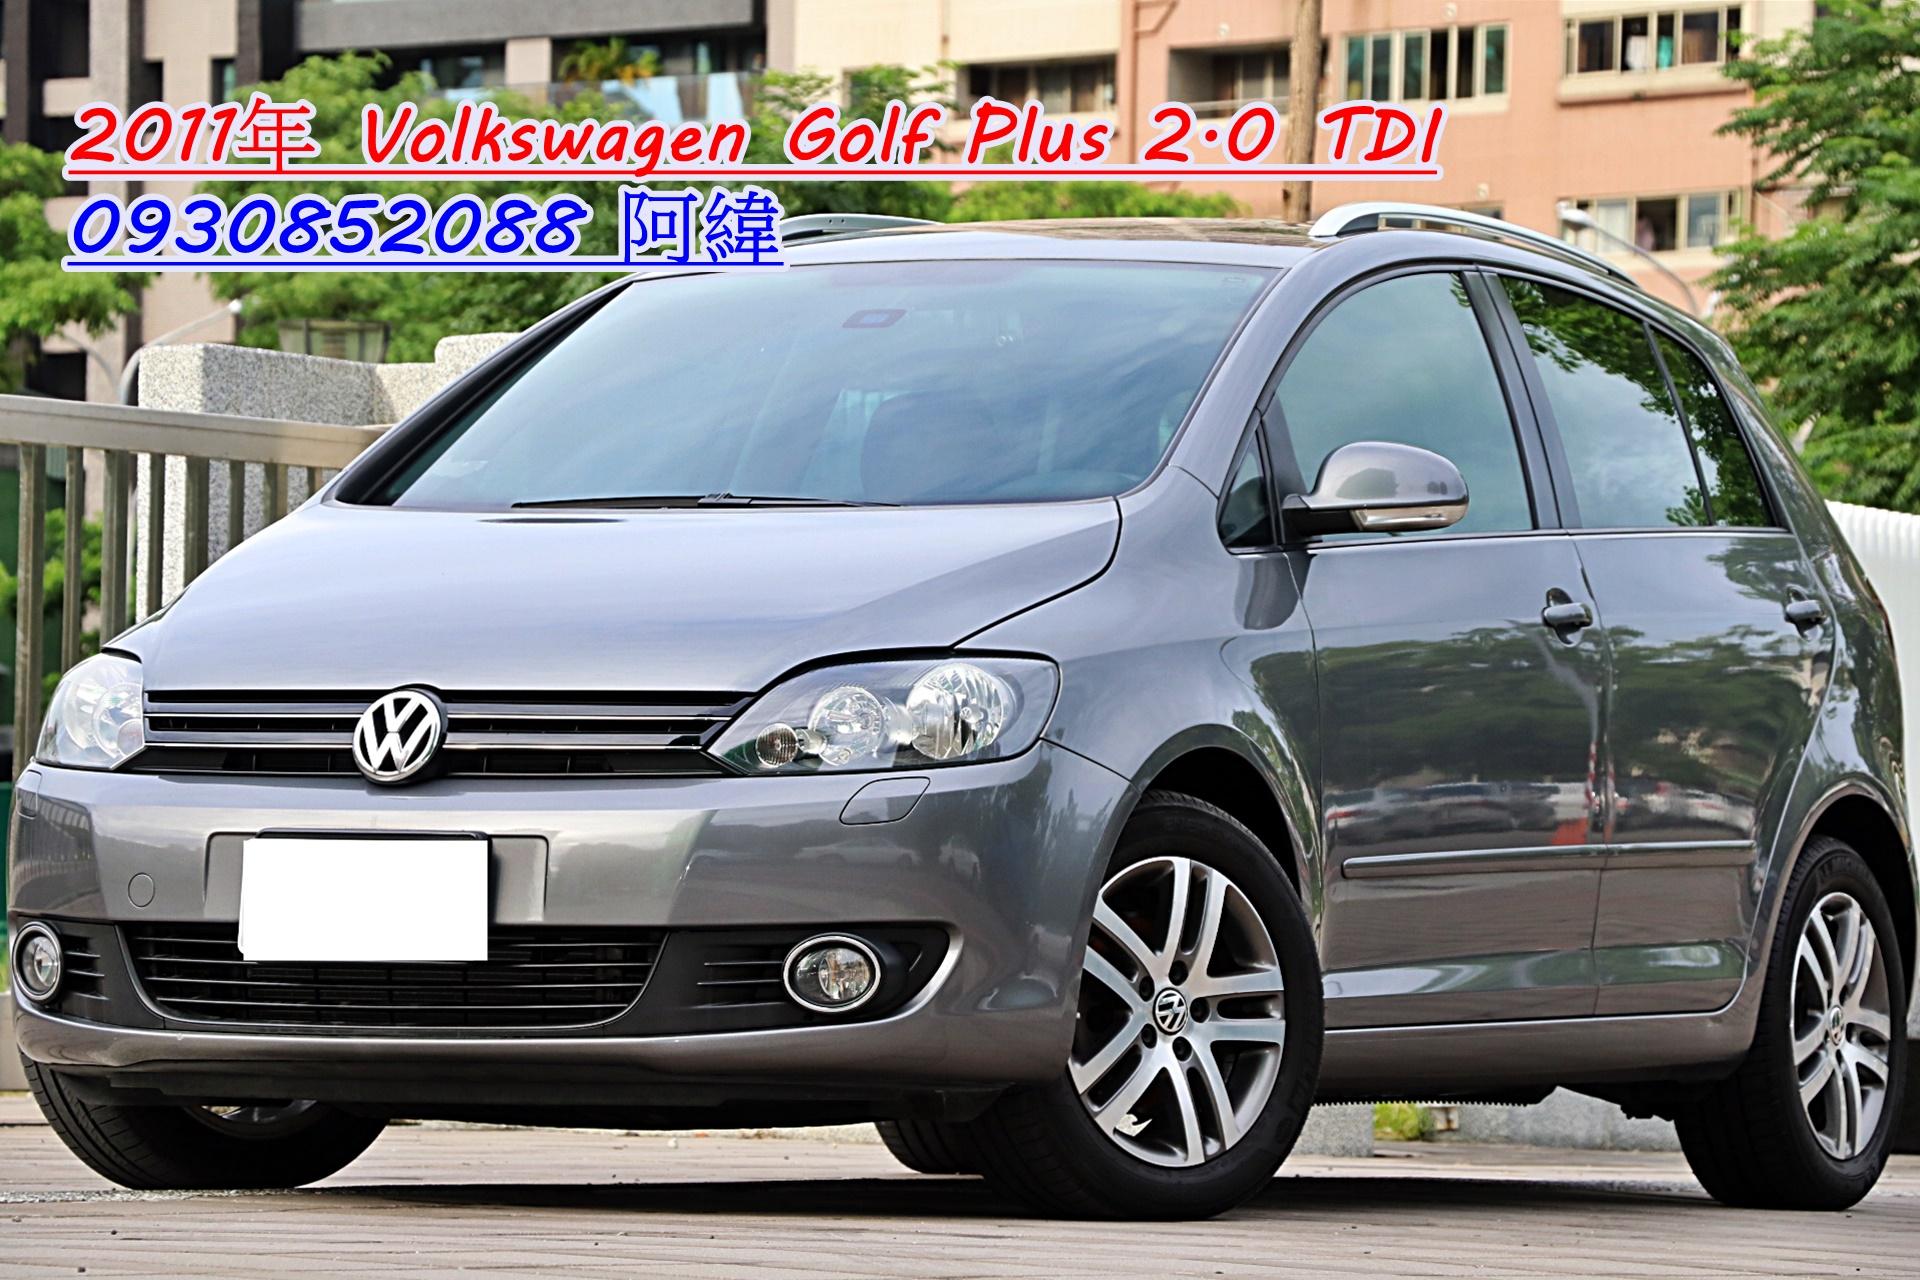 2011 Volkswagen Golf plus